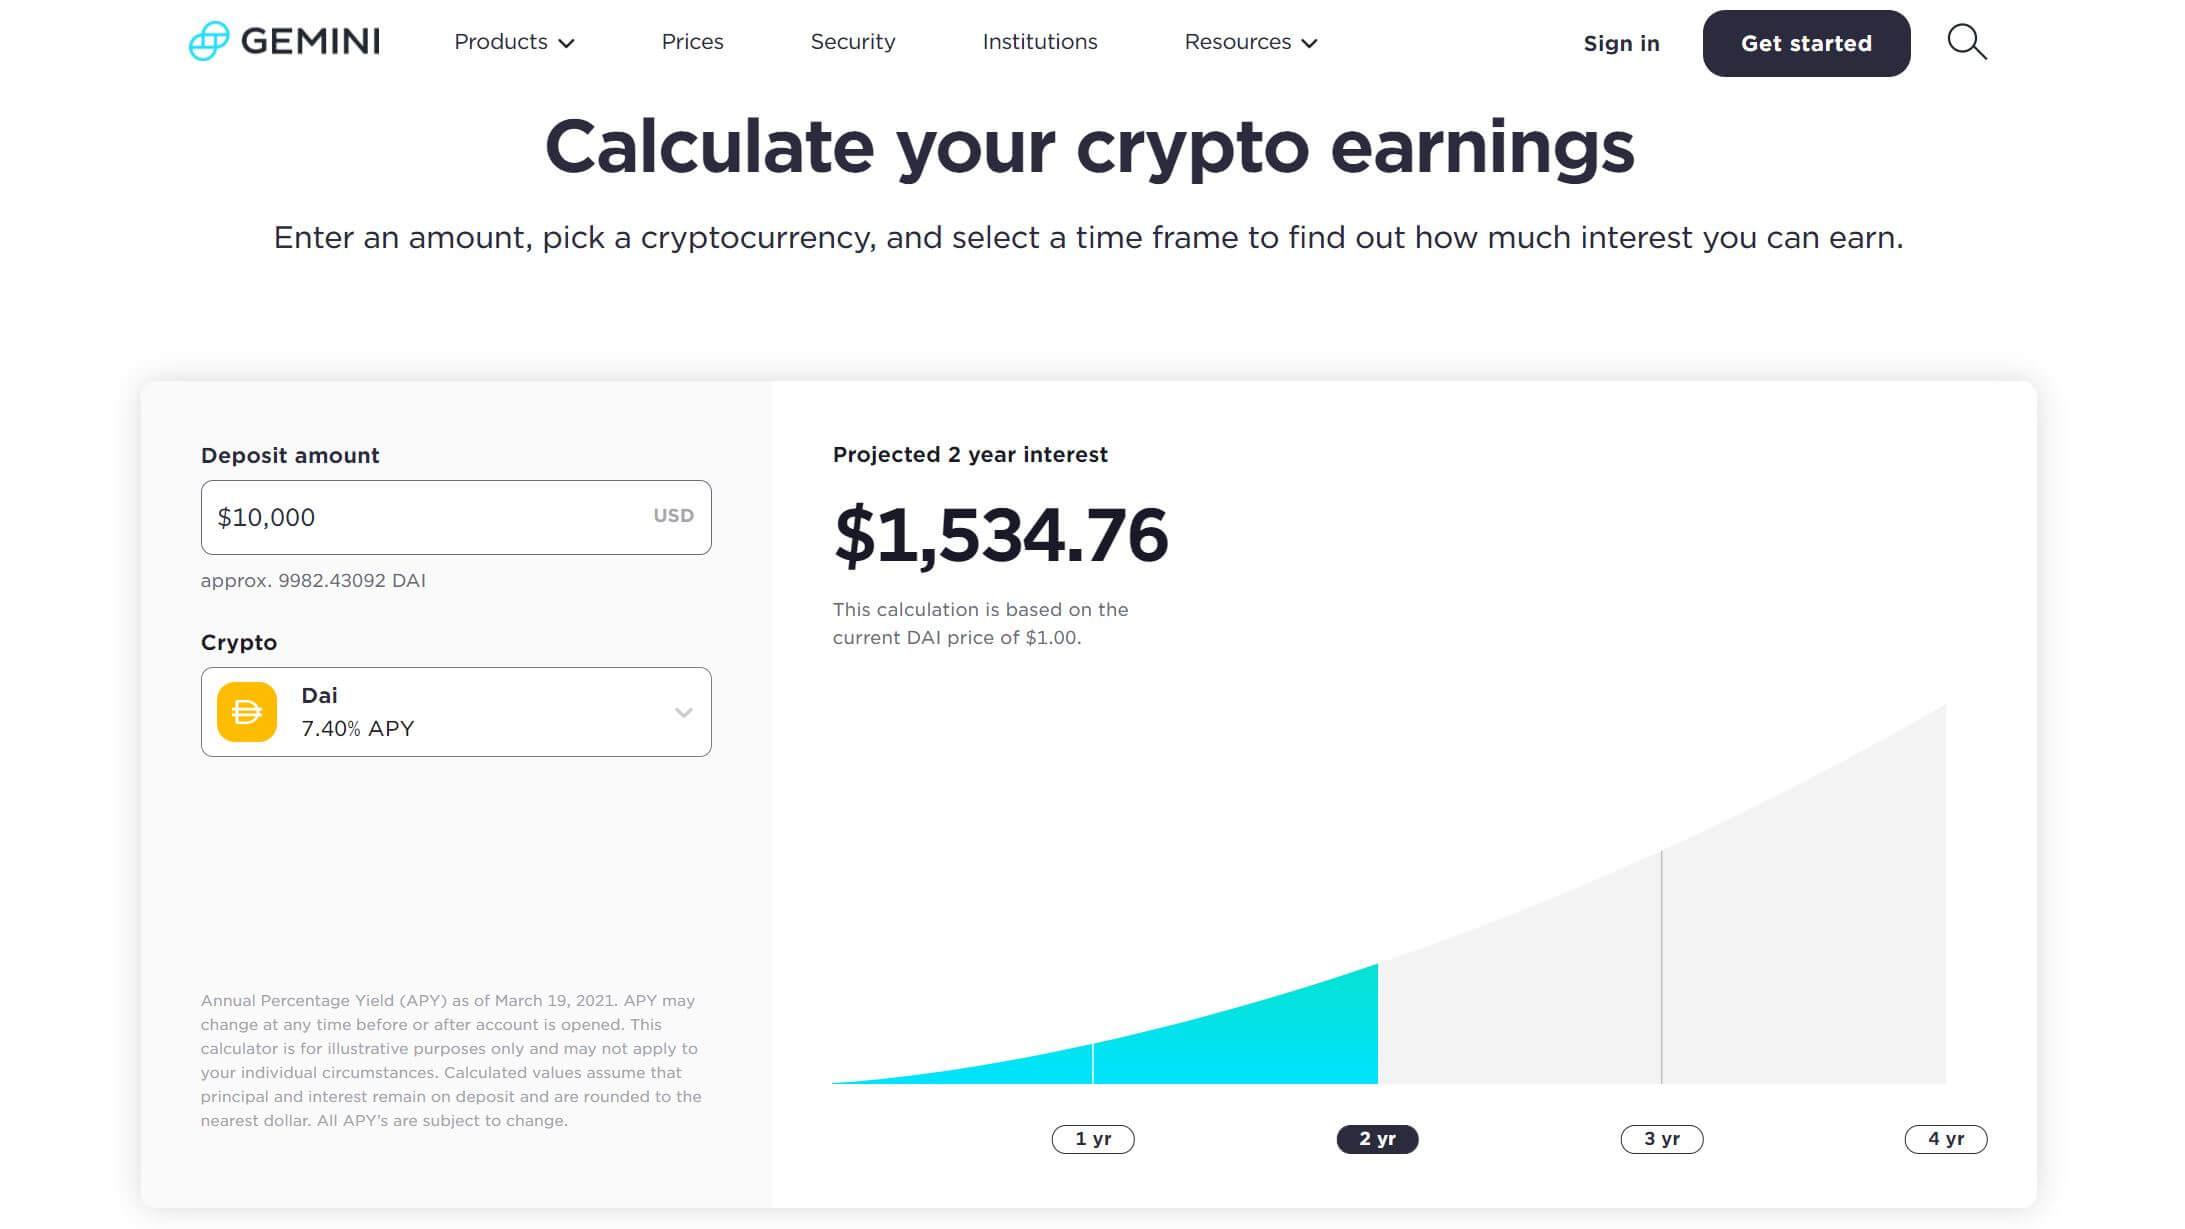 Gemini-Crypto-Earnings-Earn